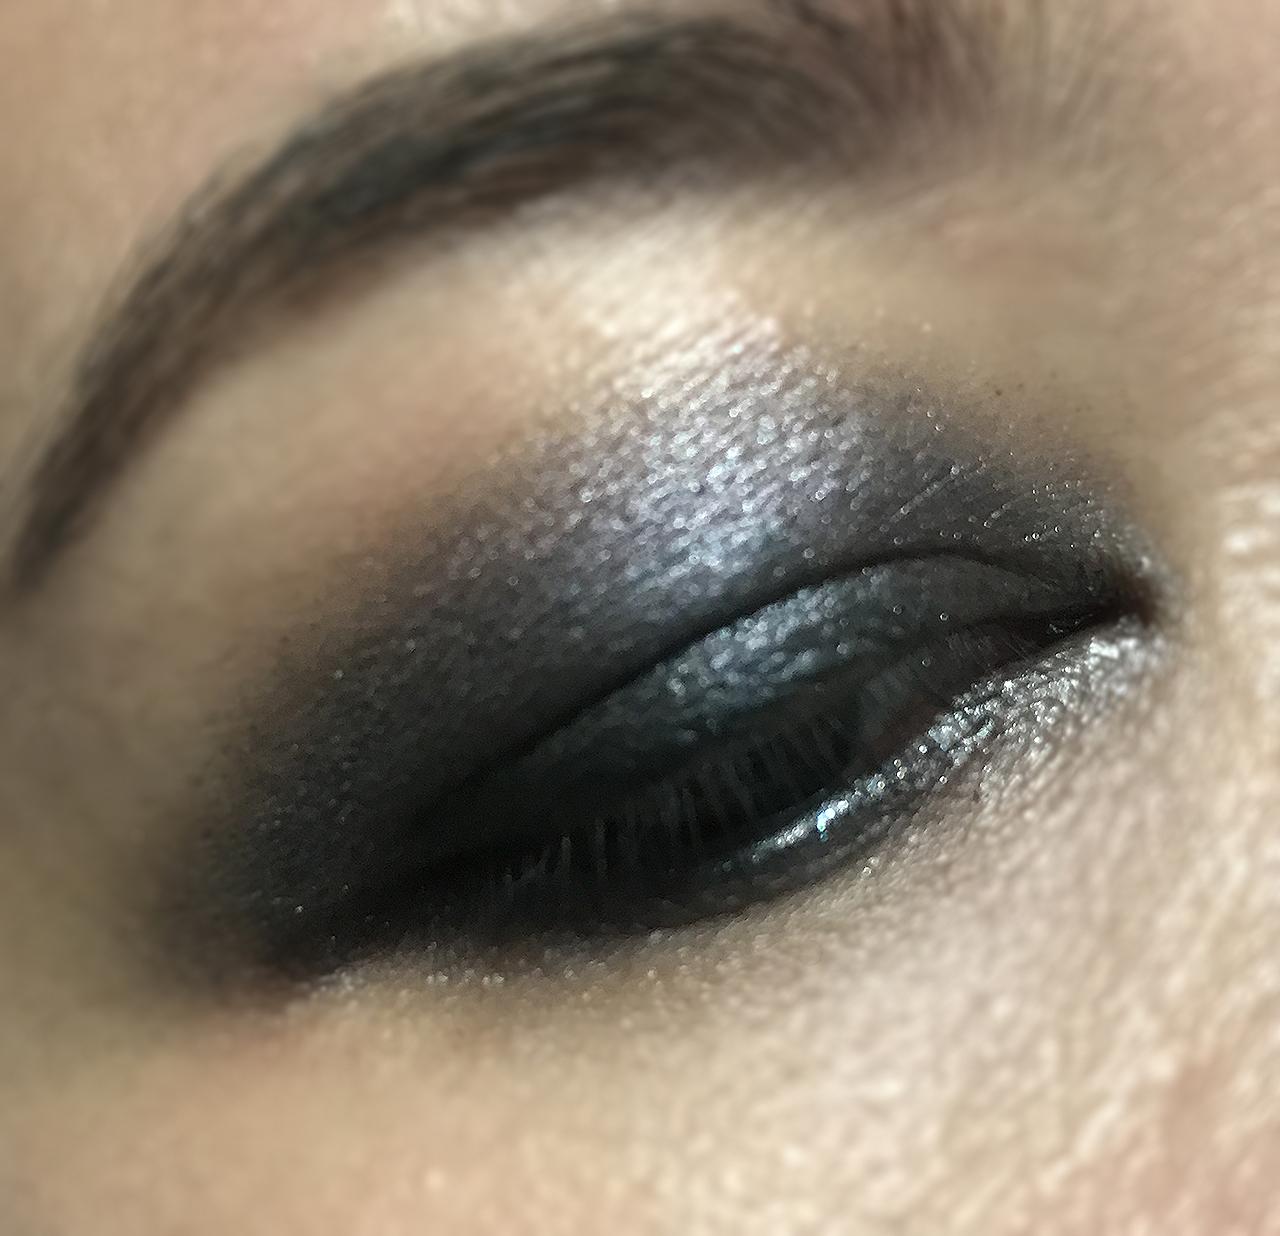 Rouge Bunny Rouge Birdwing Beauteous eye makeup look